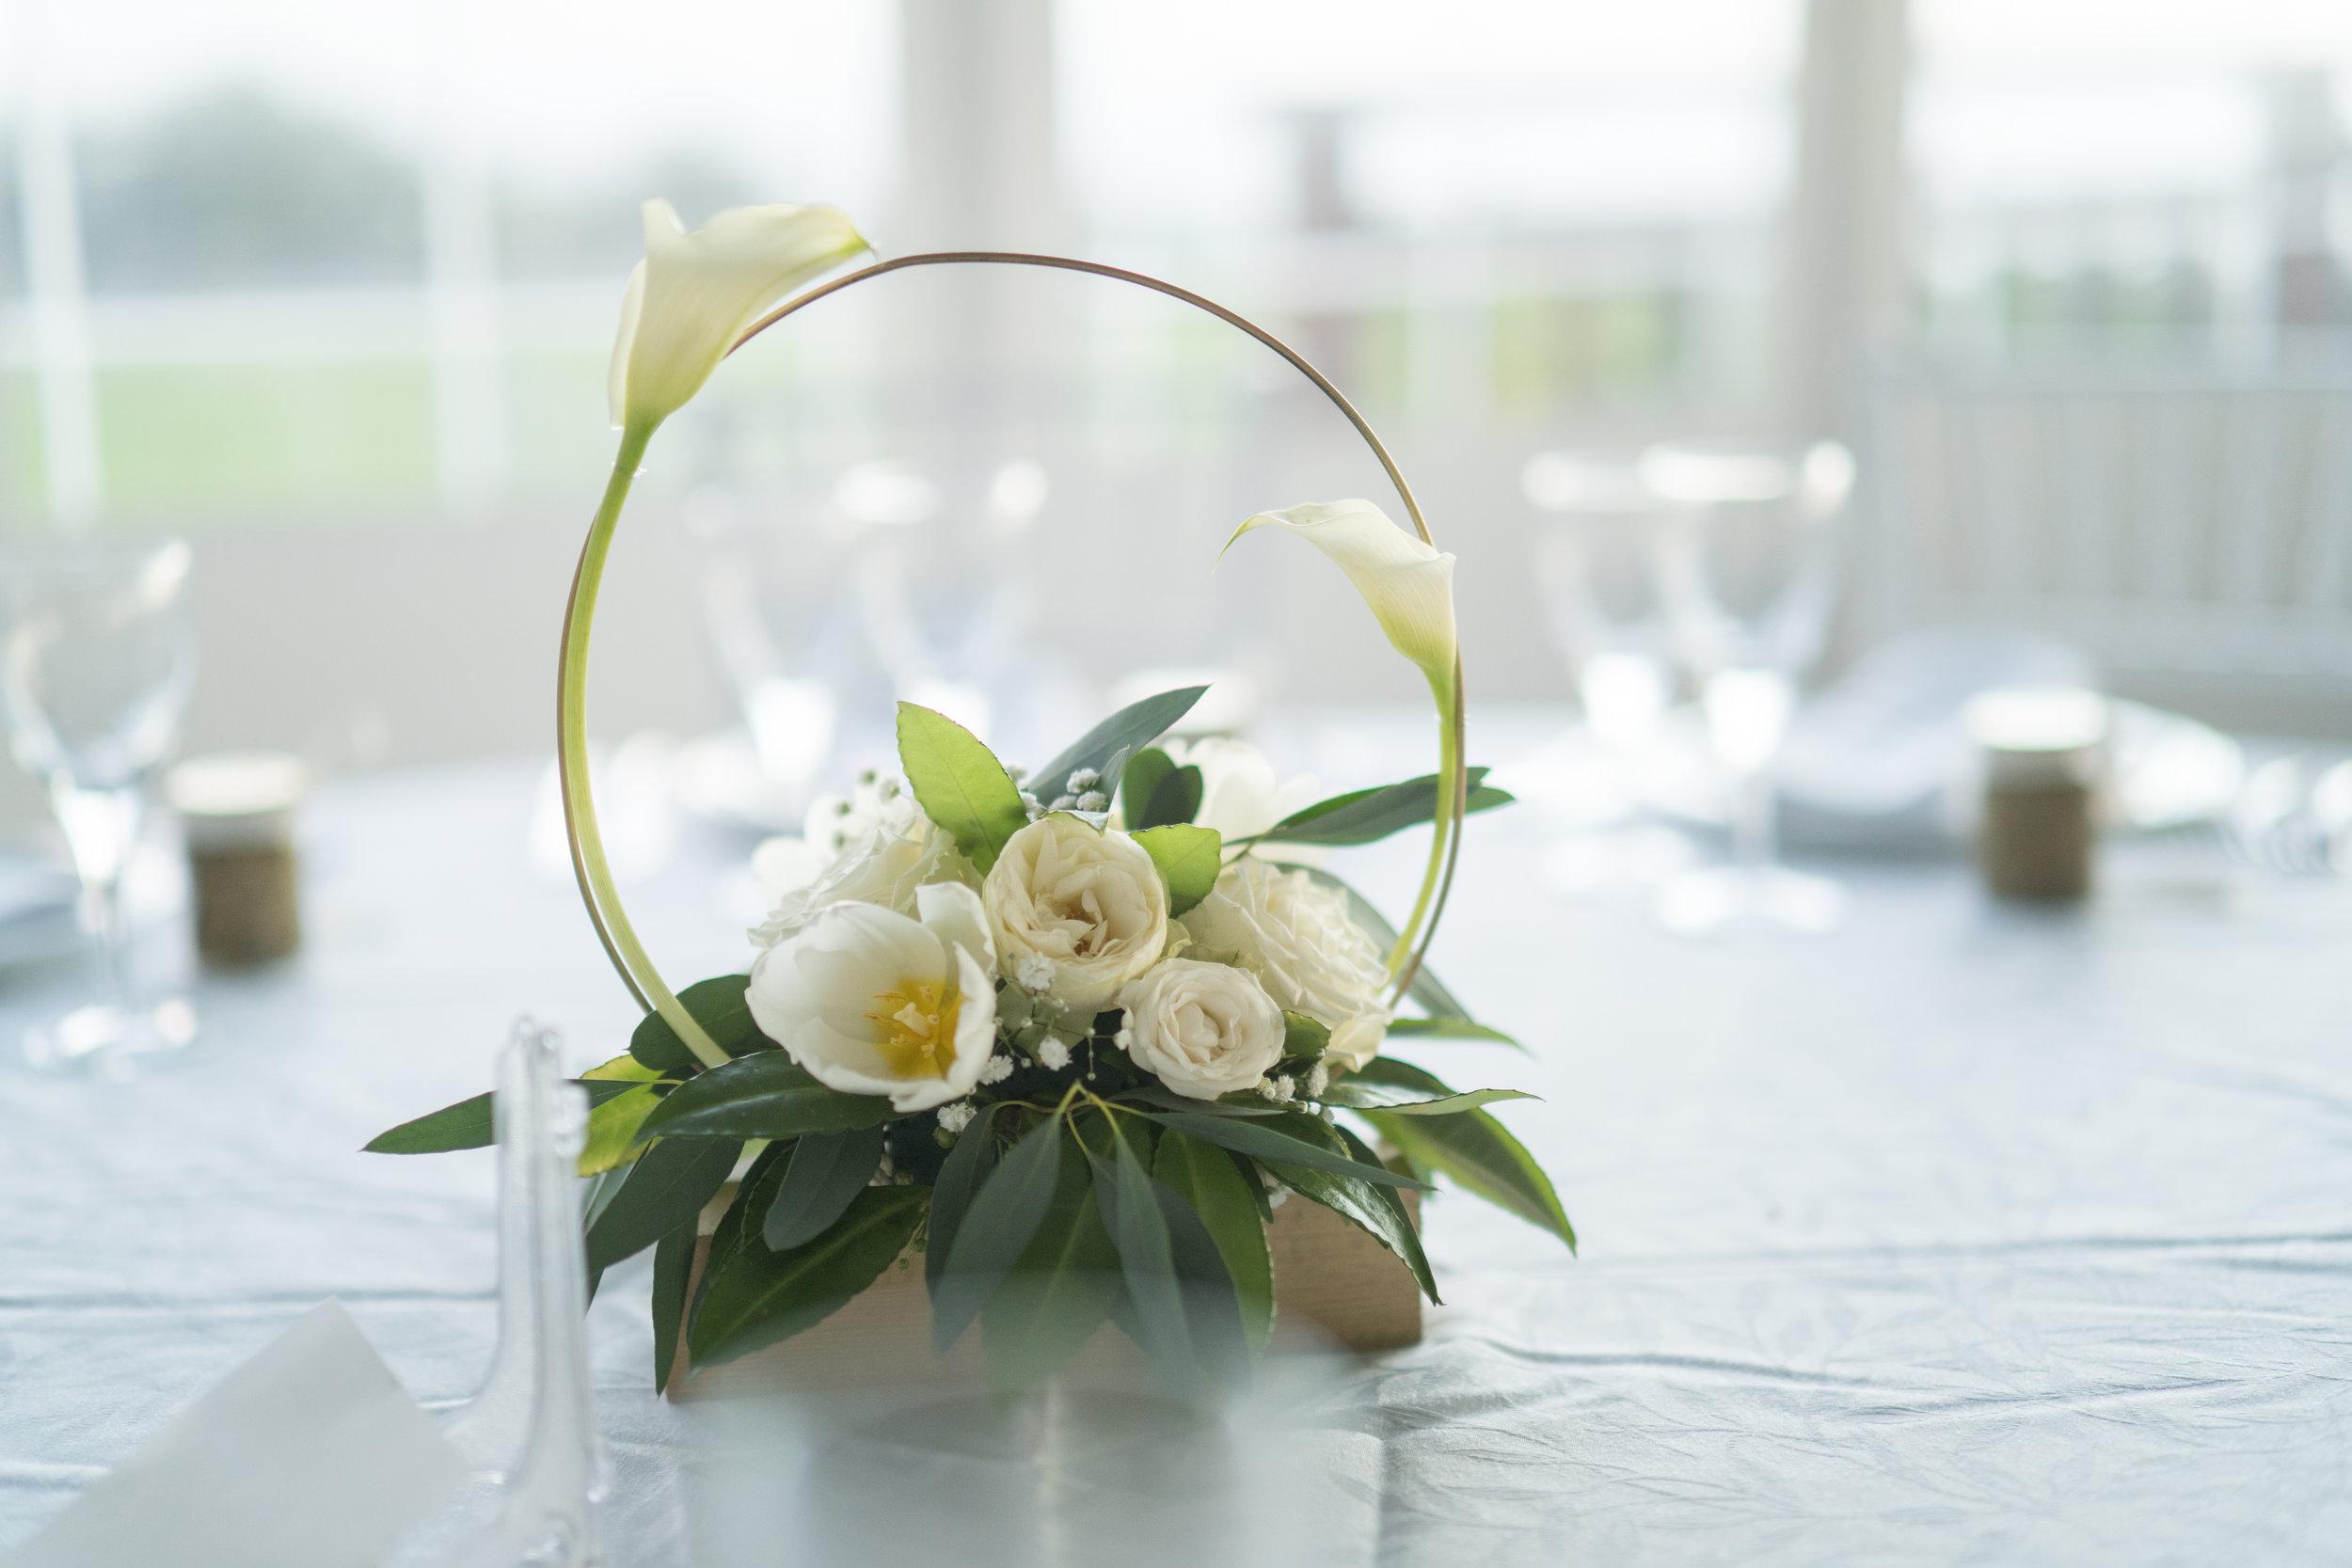 MRevenement organisation de mariage à la Réunion _ Mariage de B et JC (9).jpg